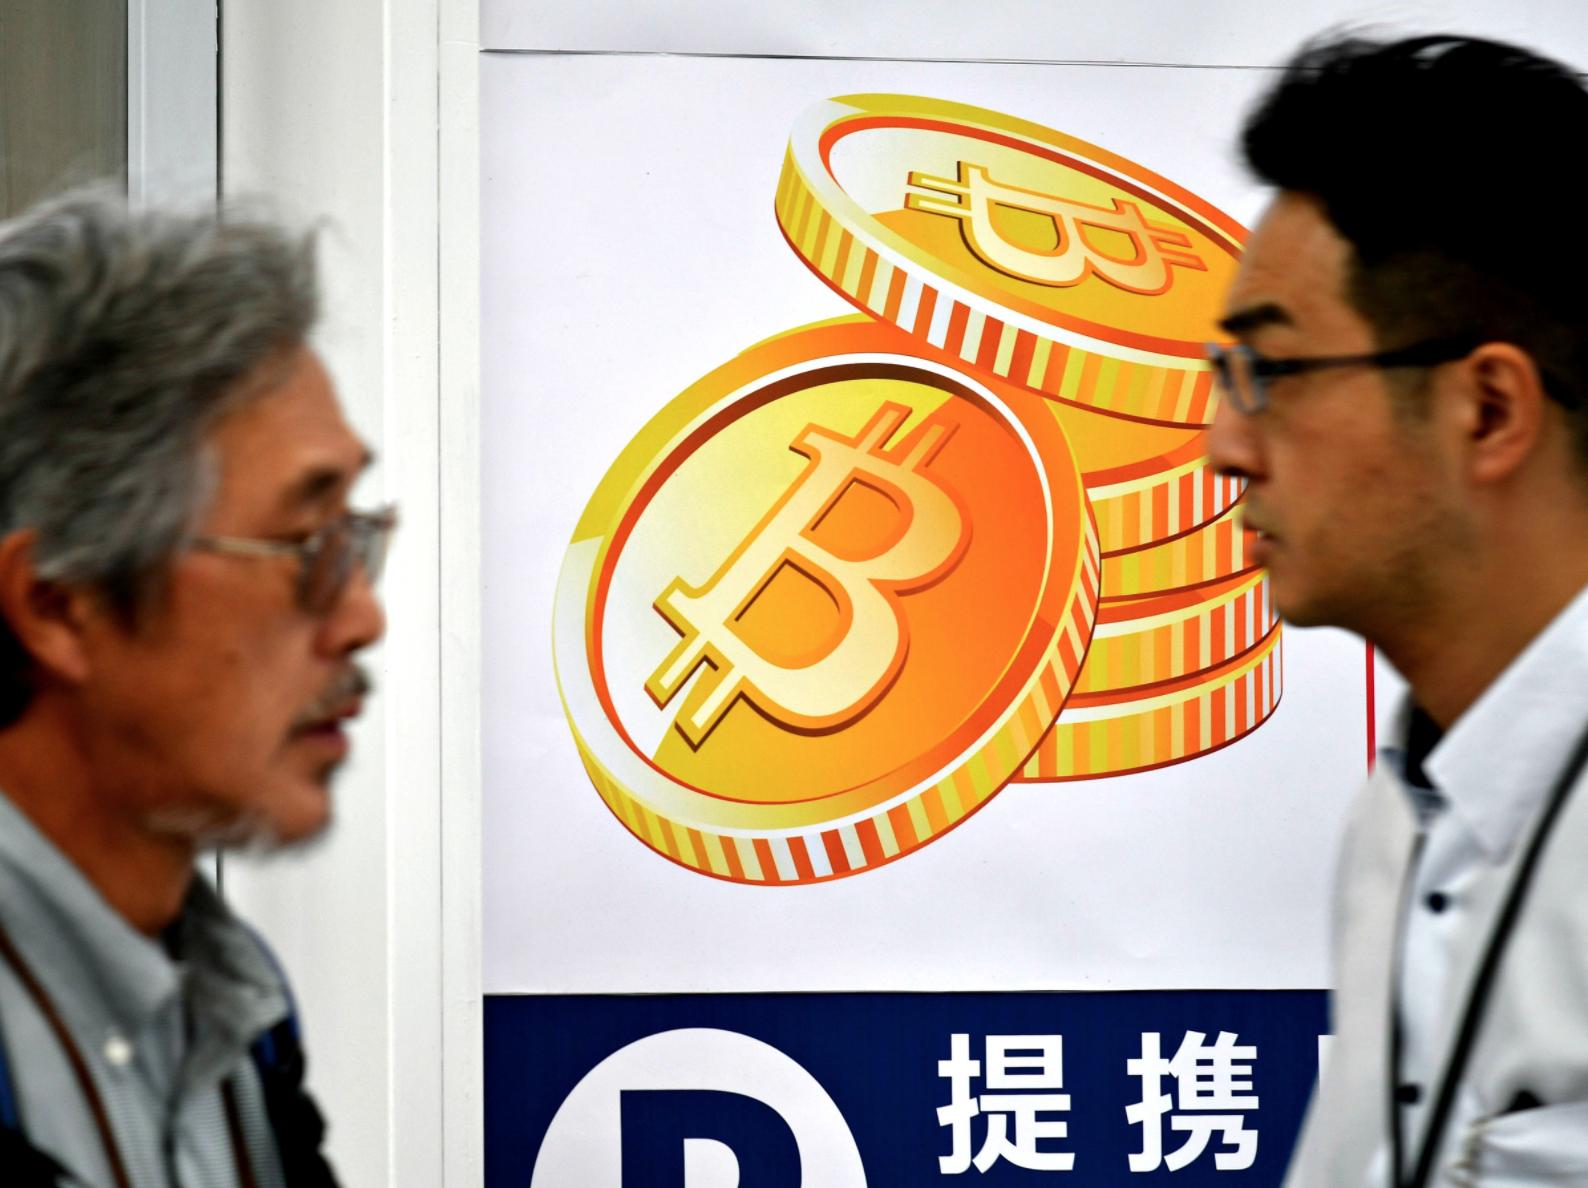 Zuid-Korea cryptobeurzen